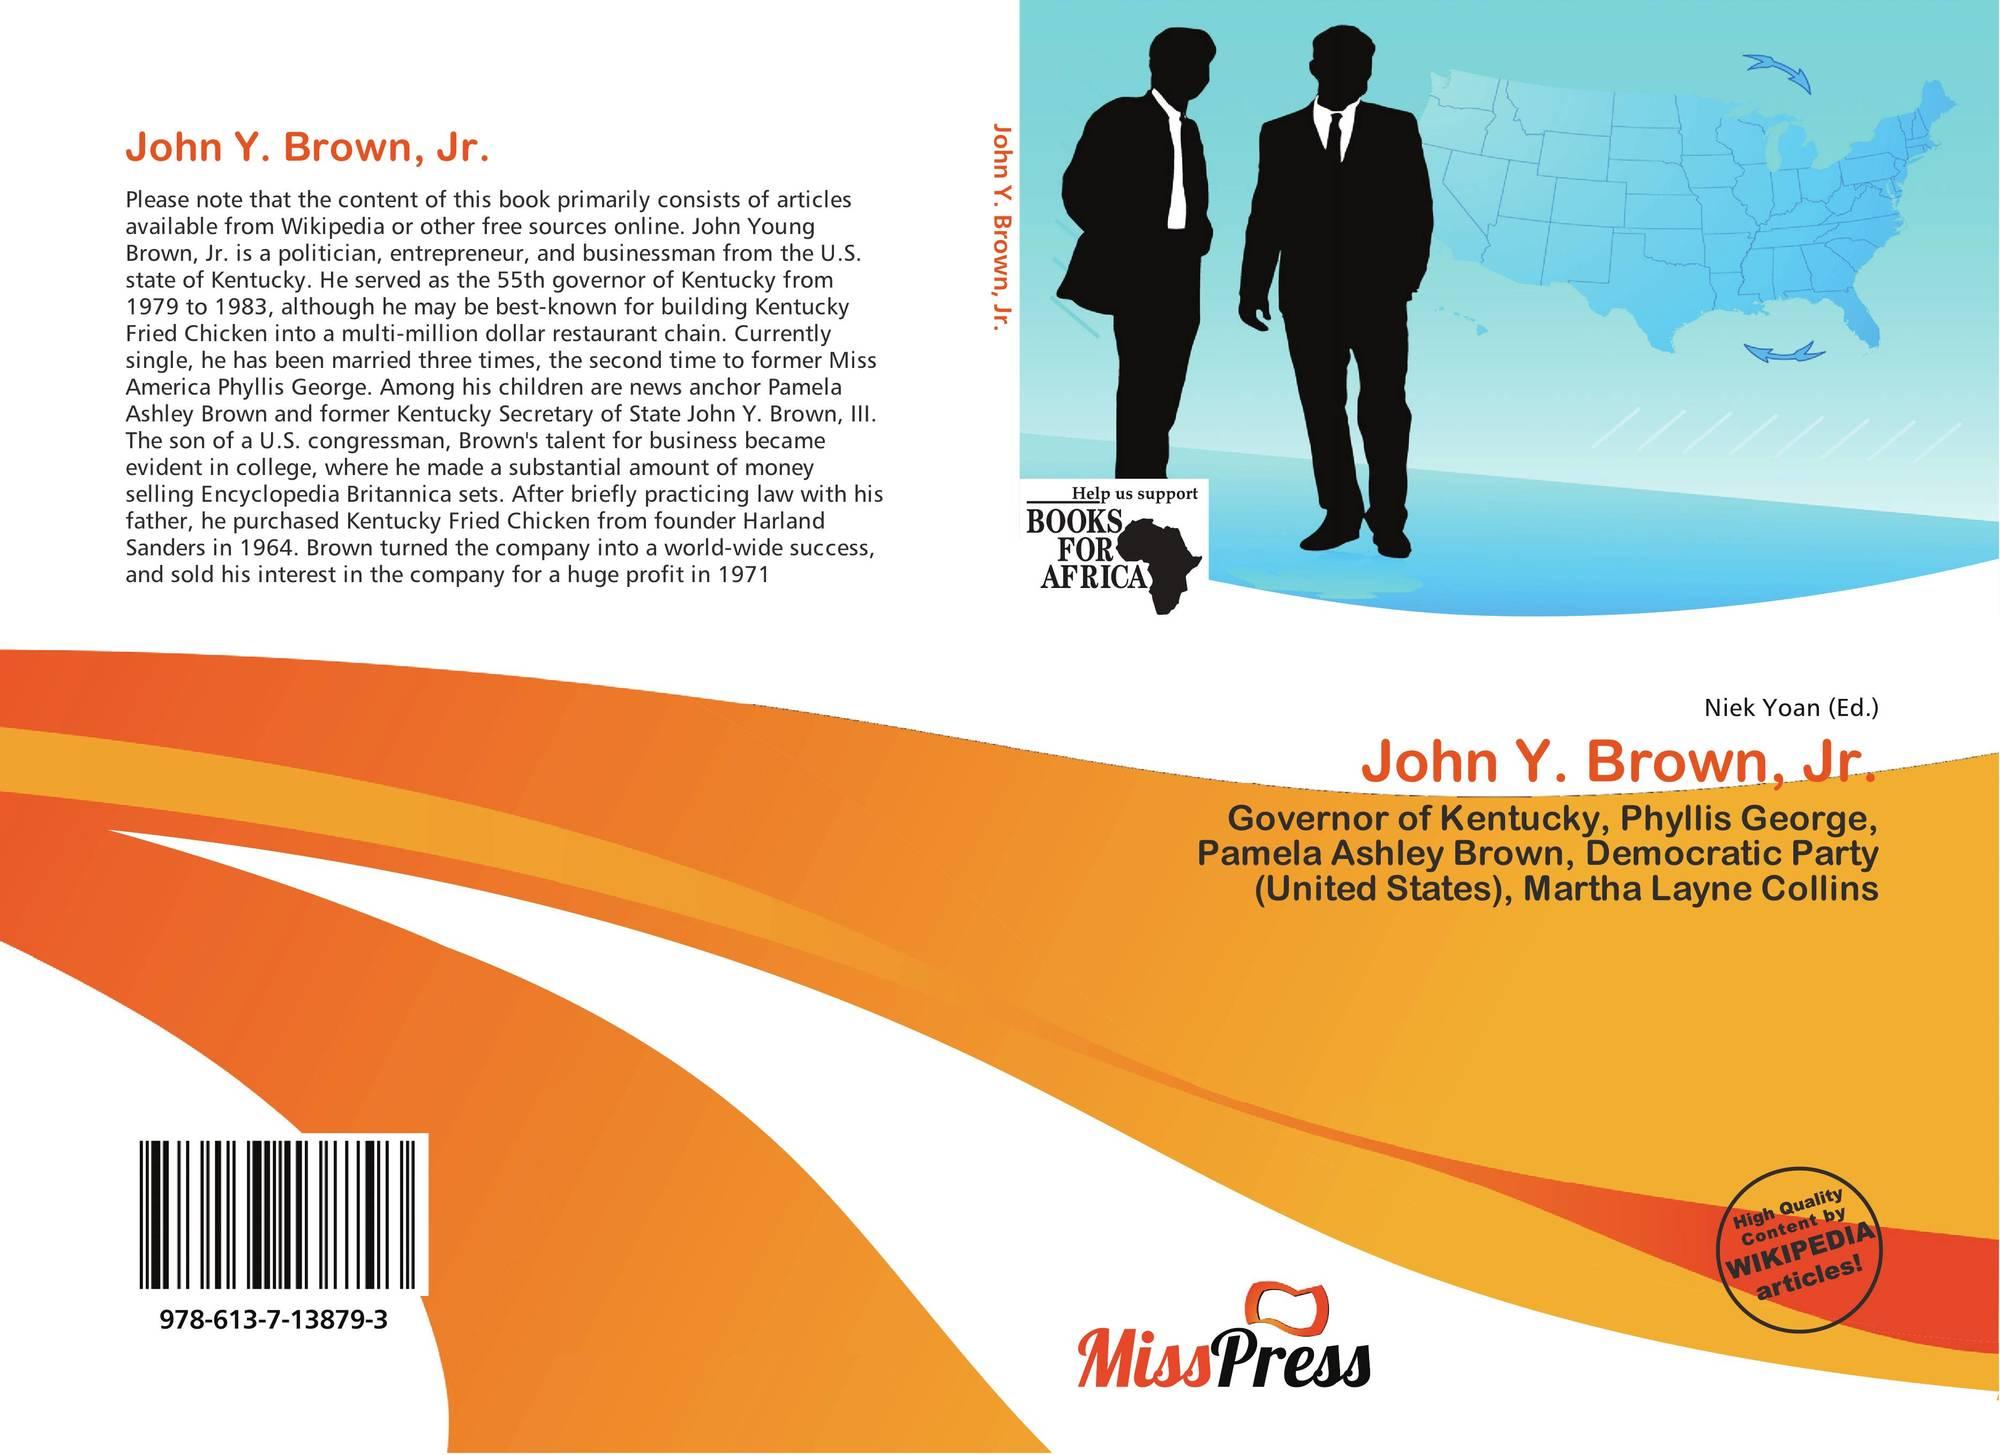 john brown article